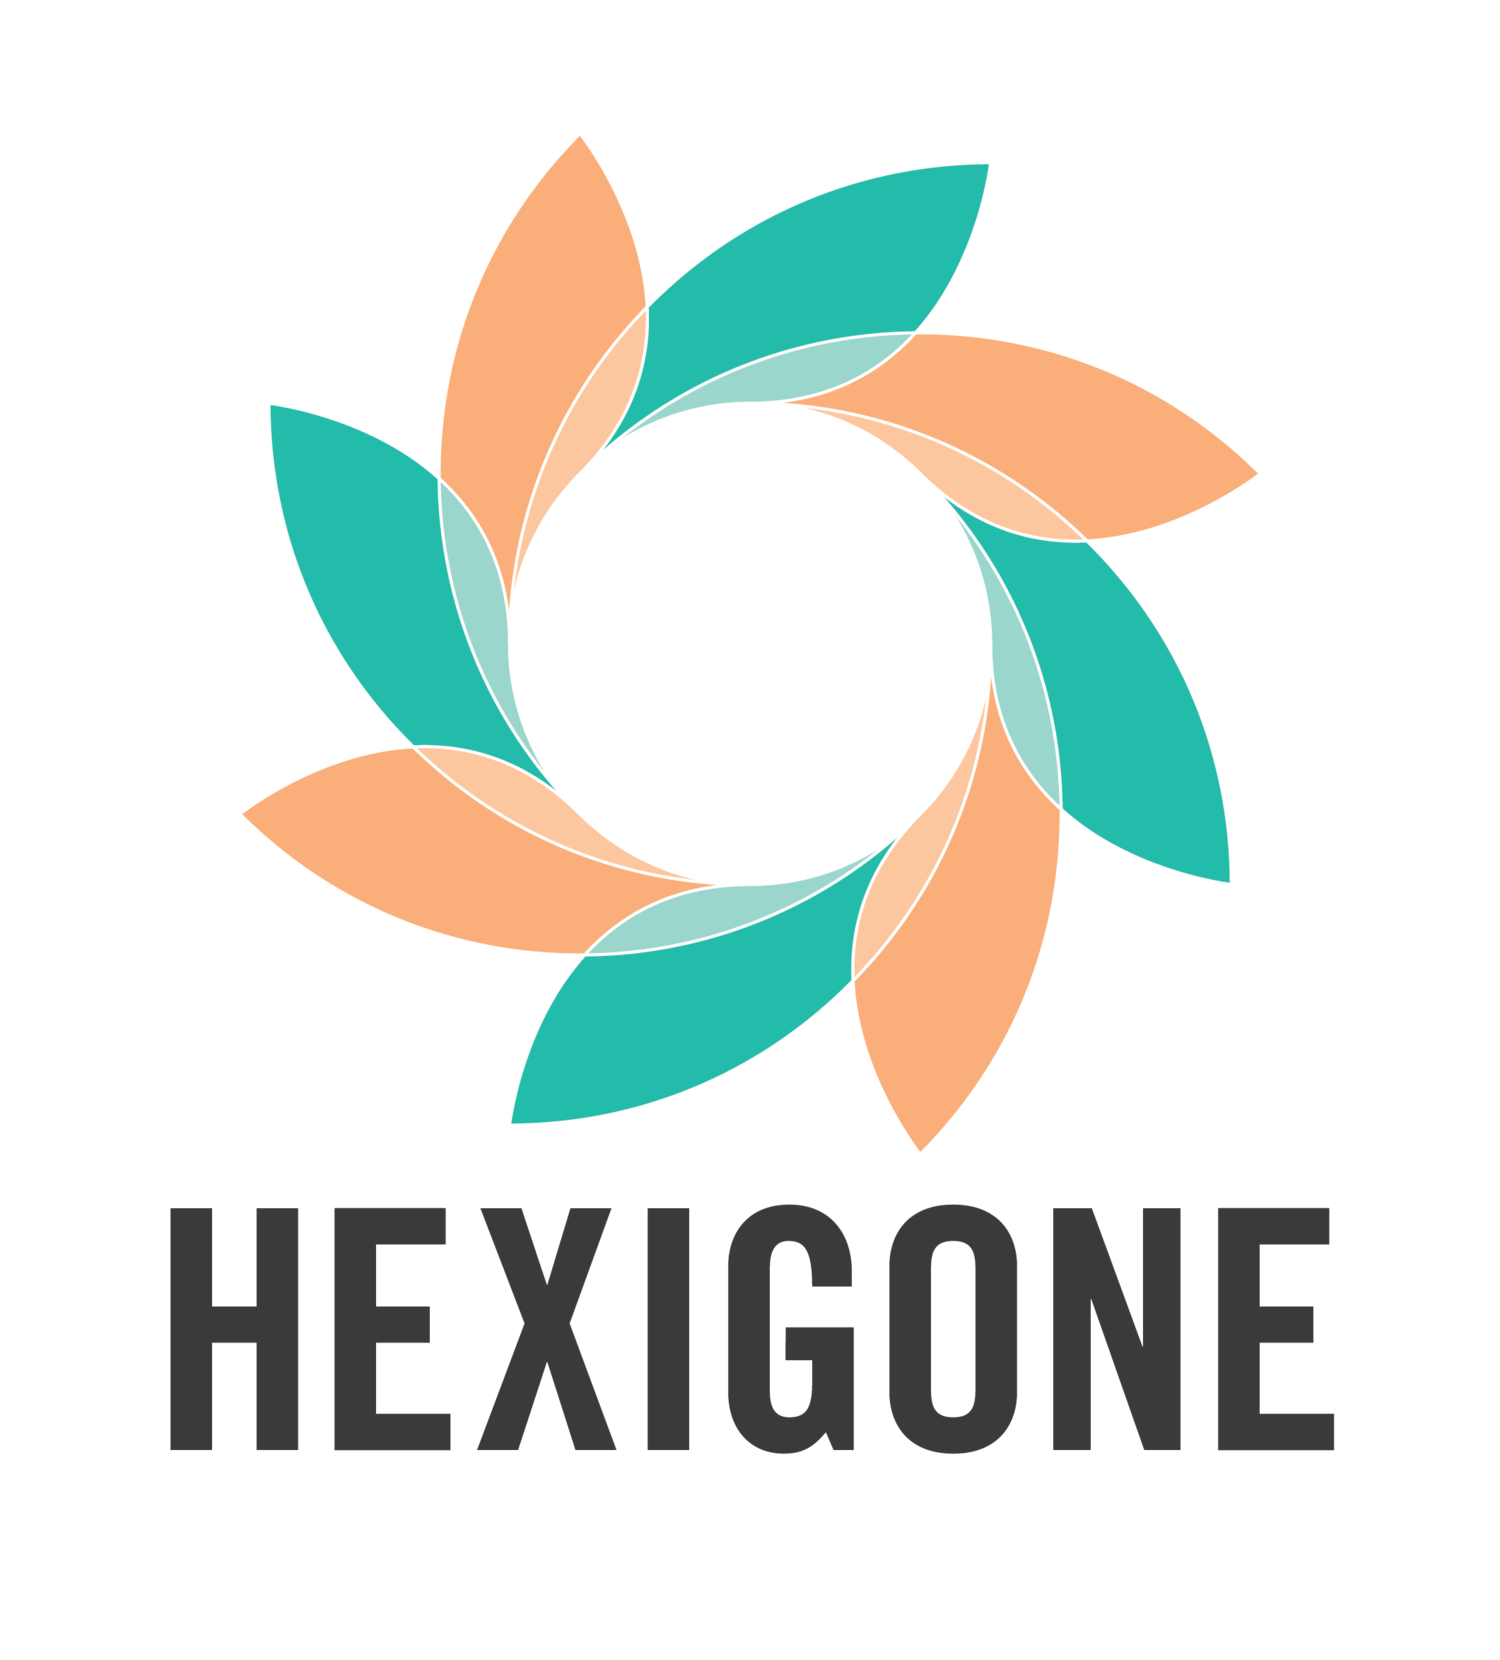 Hexgone